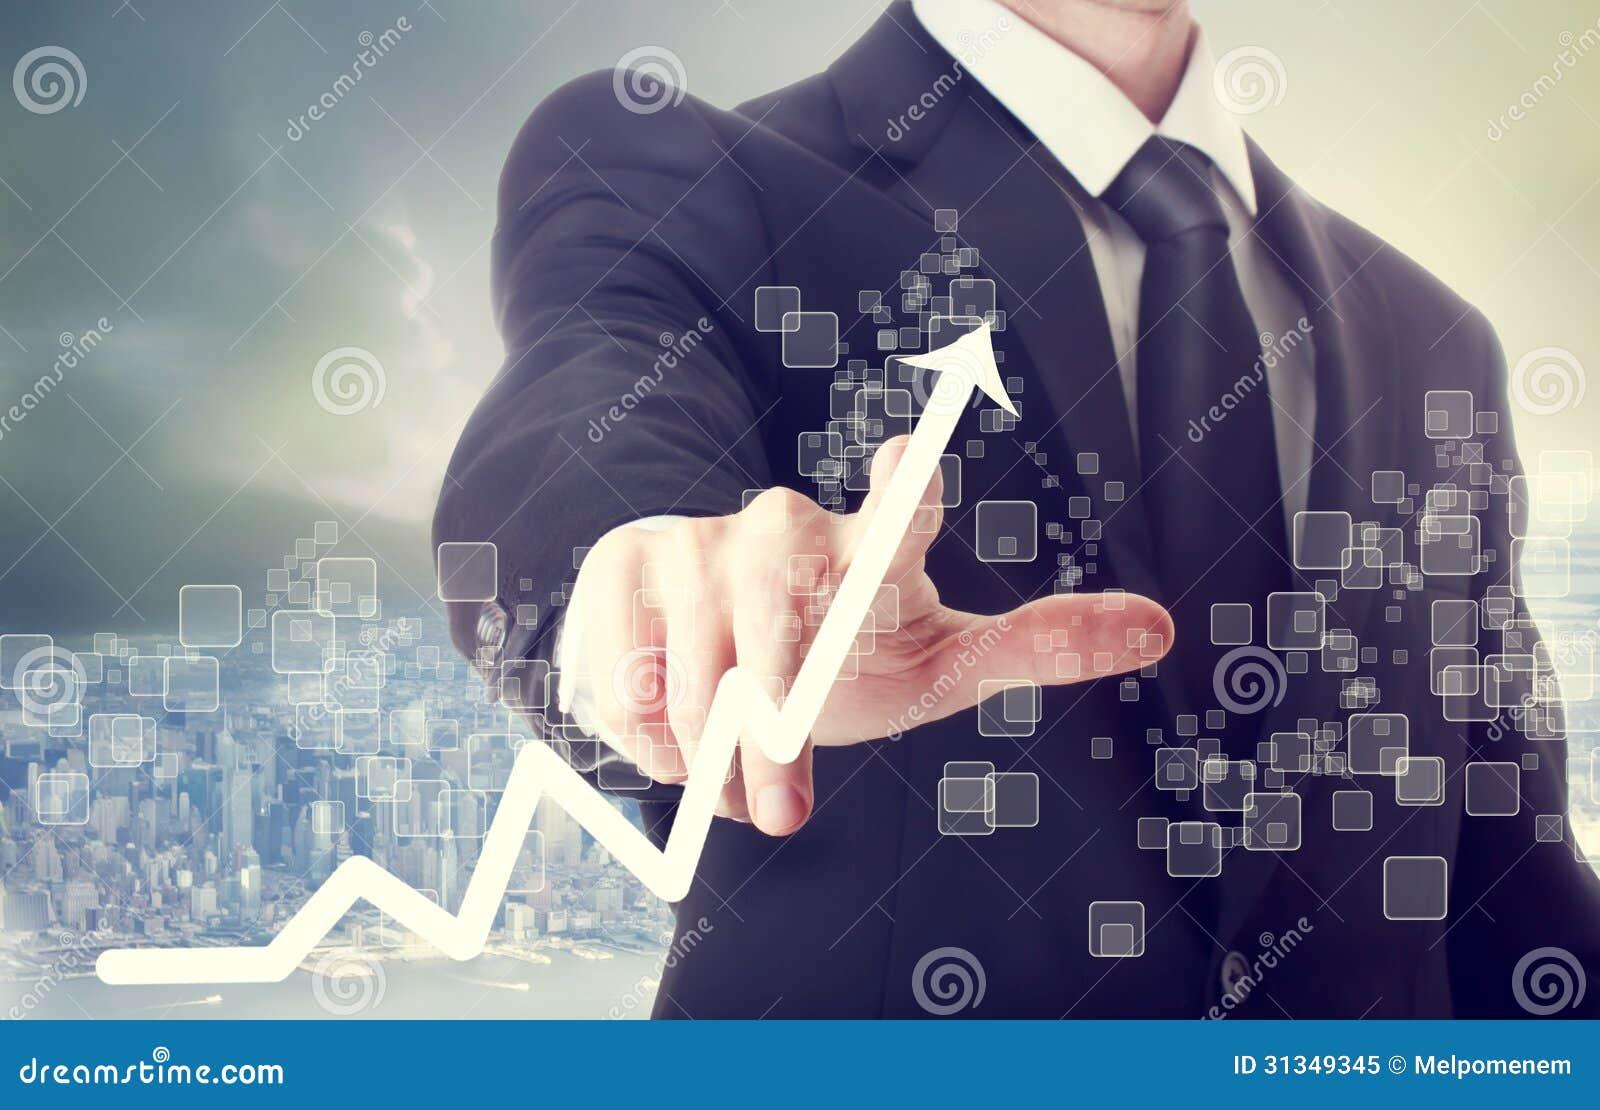 Hombre de negocios Touching una carta que indica crecimiento